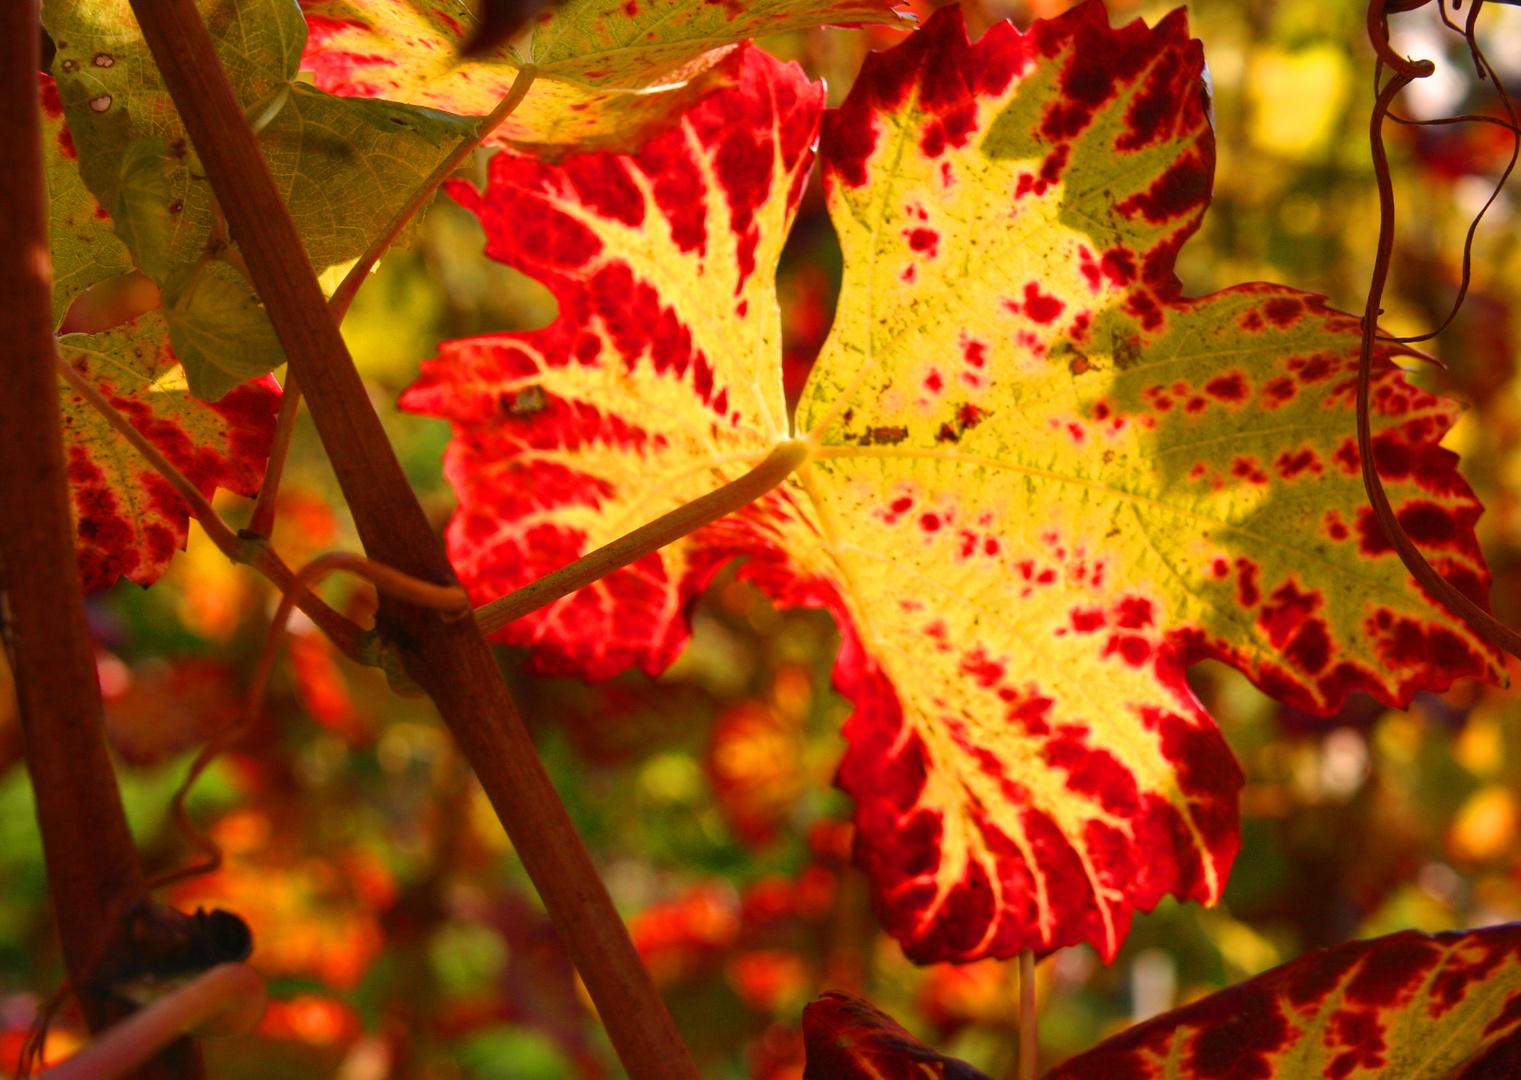 Weinrebe im Herbstlicht